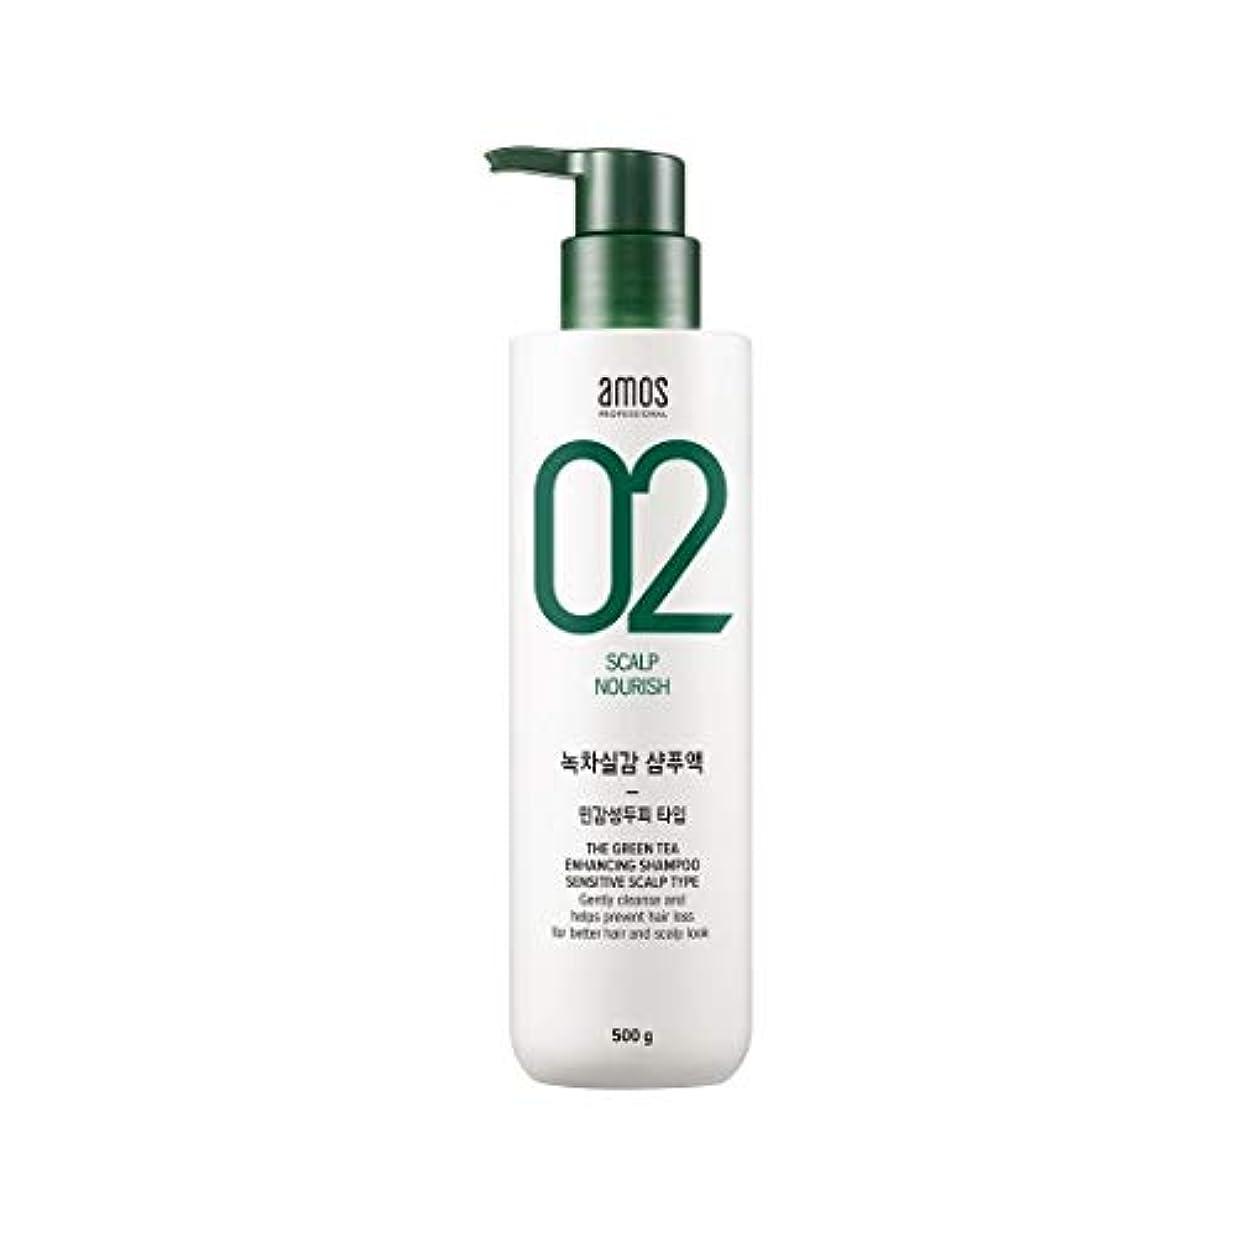 位置する貪欲ドラフトAmos Green Tea Enhancing Shampoo -Sensitive 500g / アモス ザ グリーンティー エンハンシング シャンプー # センシンティブ スカルプタイプ [並行輸入品]